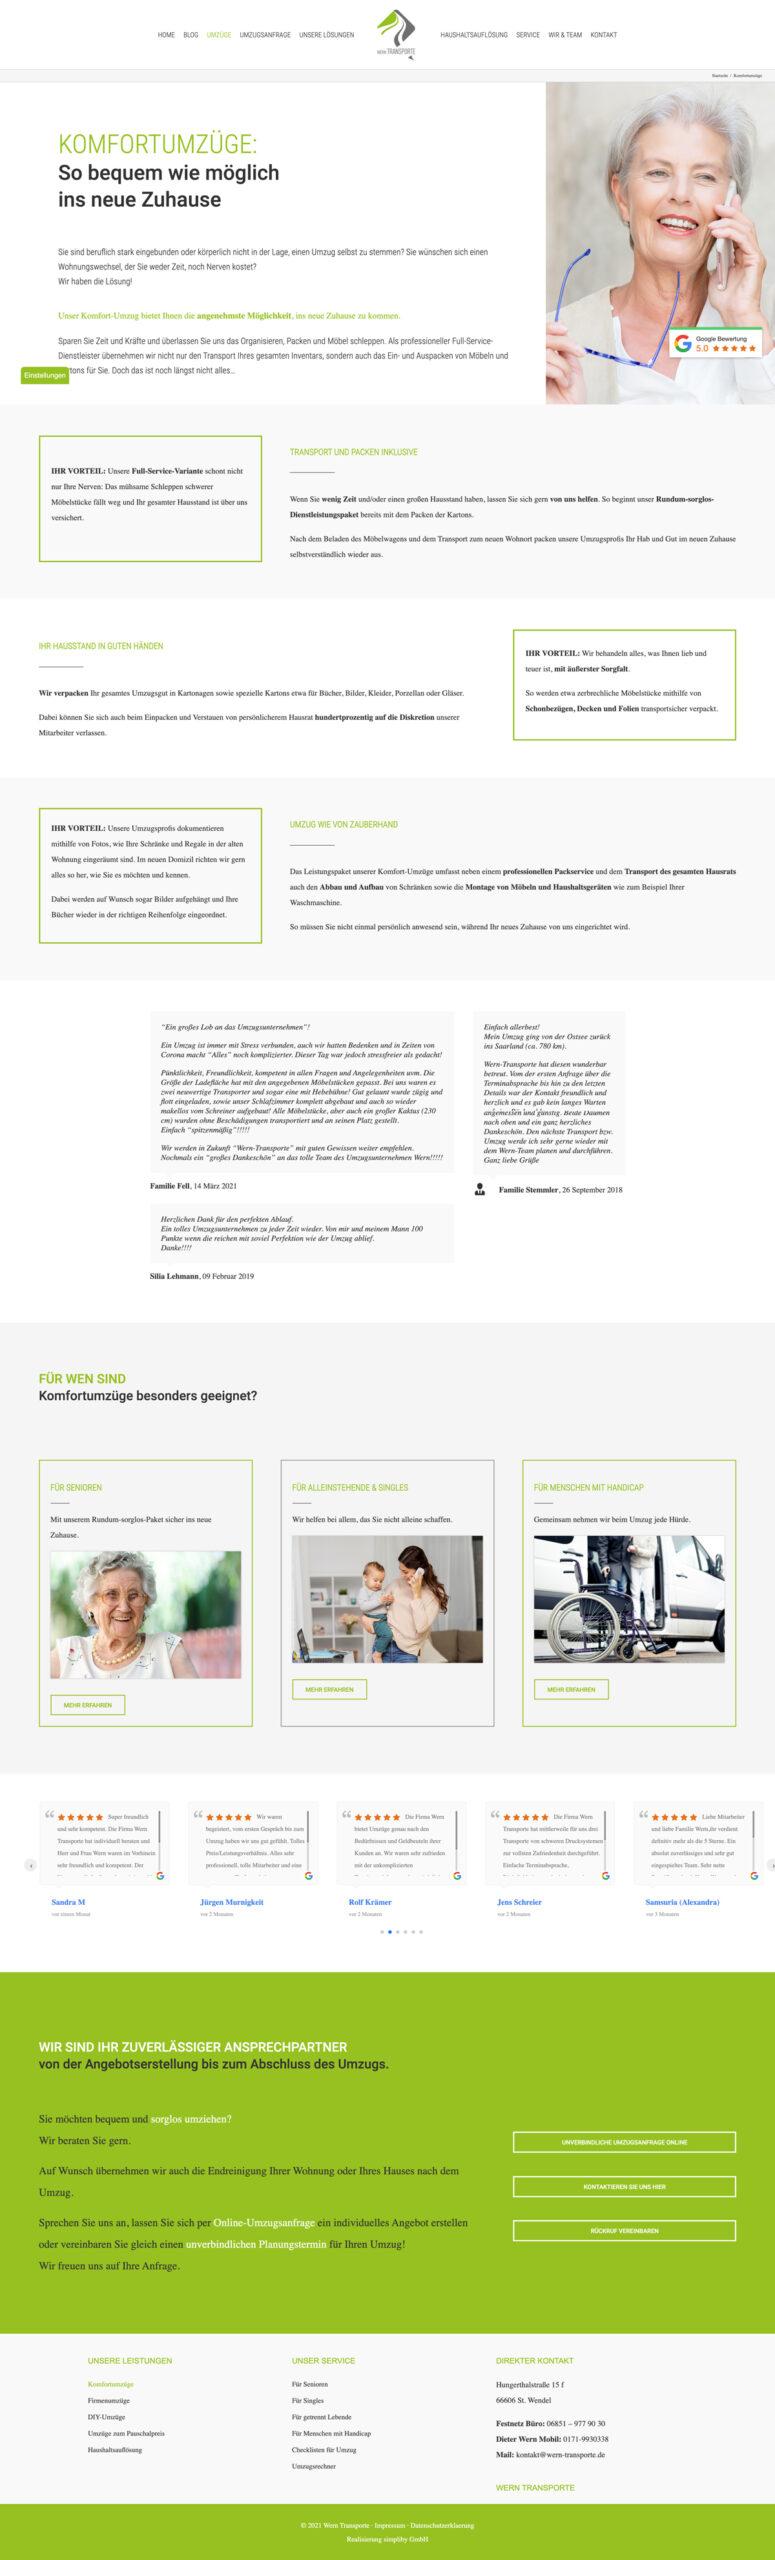 Website Aufbau - Beispiel Leistung Seite